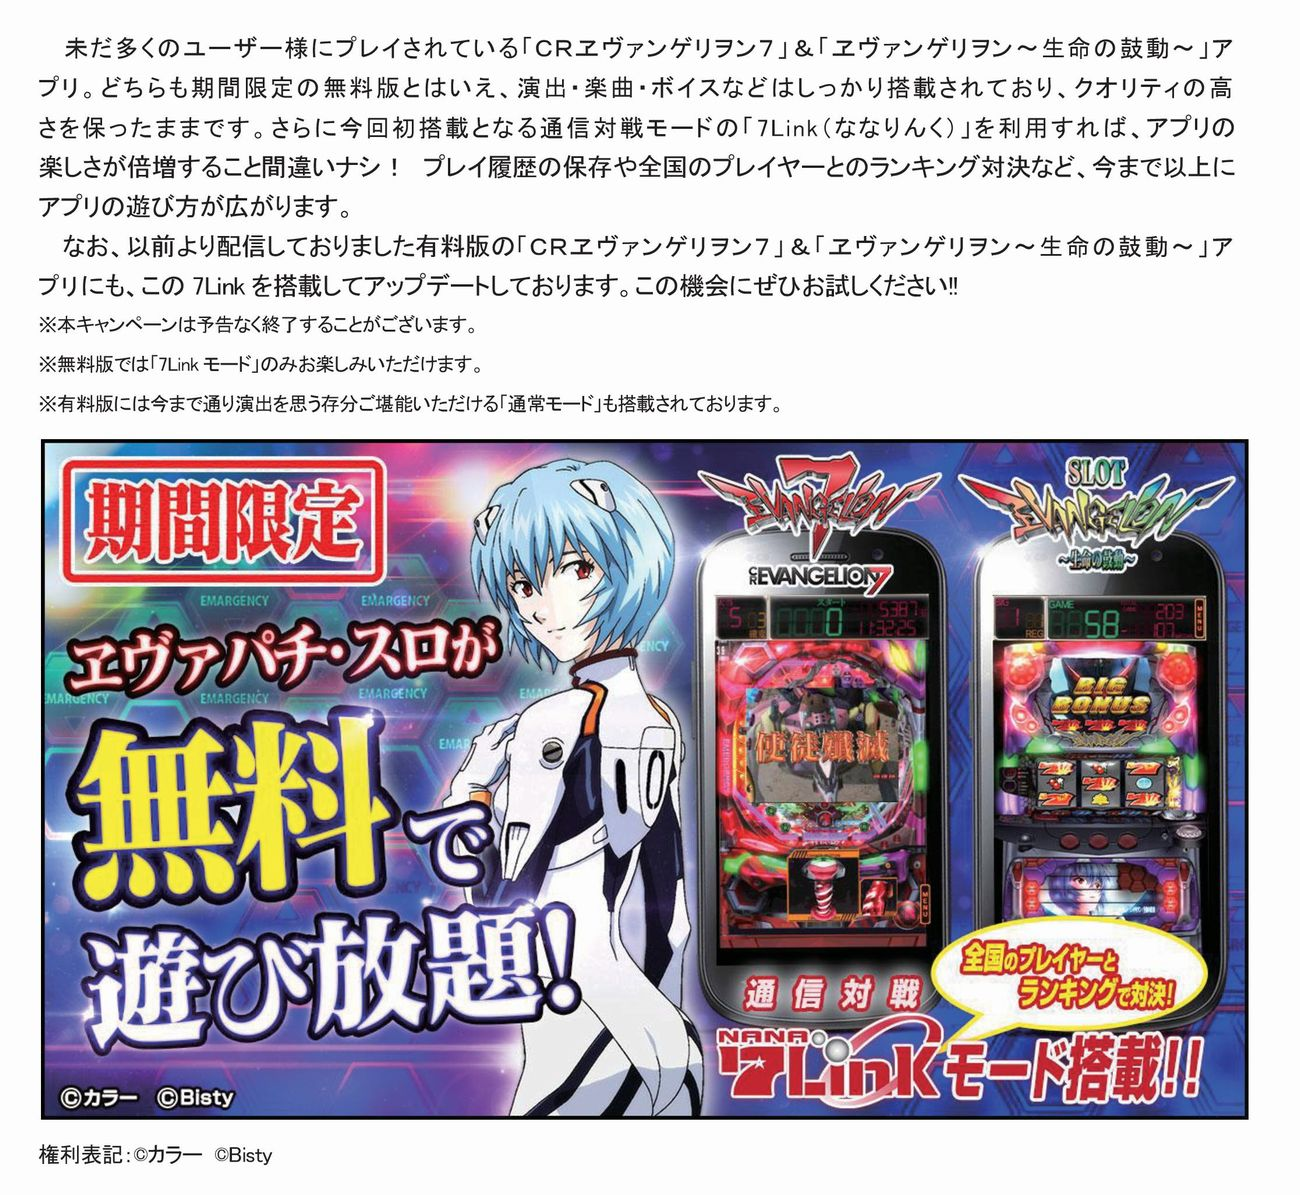 2アプリ無料配信&7Link搭載プレスリリース-001